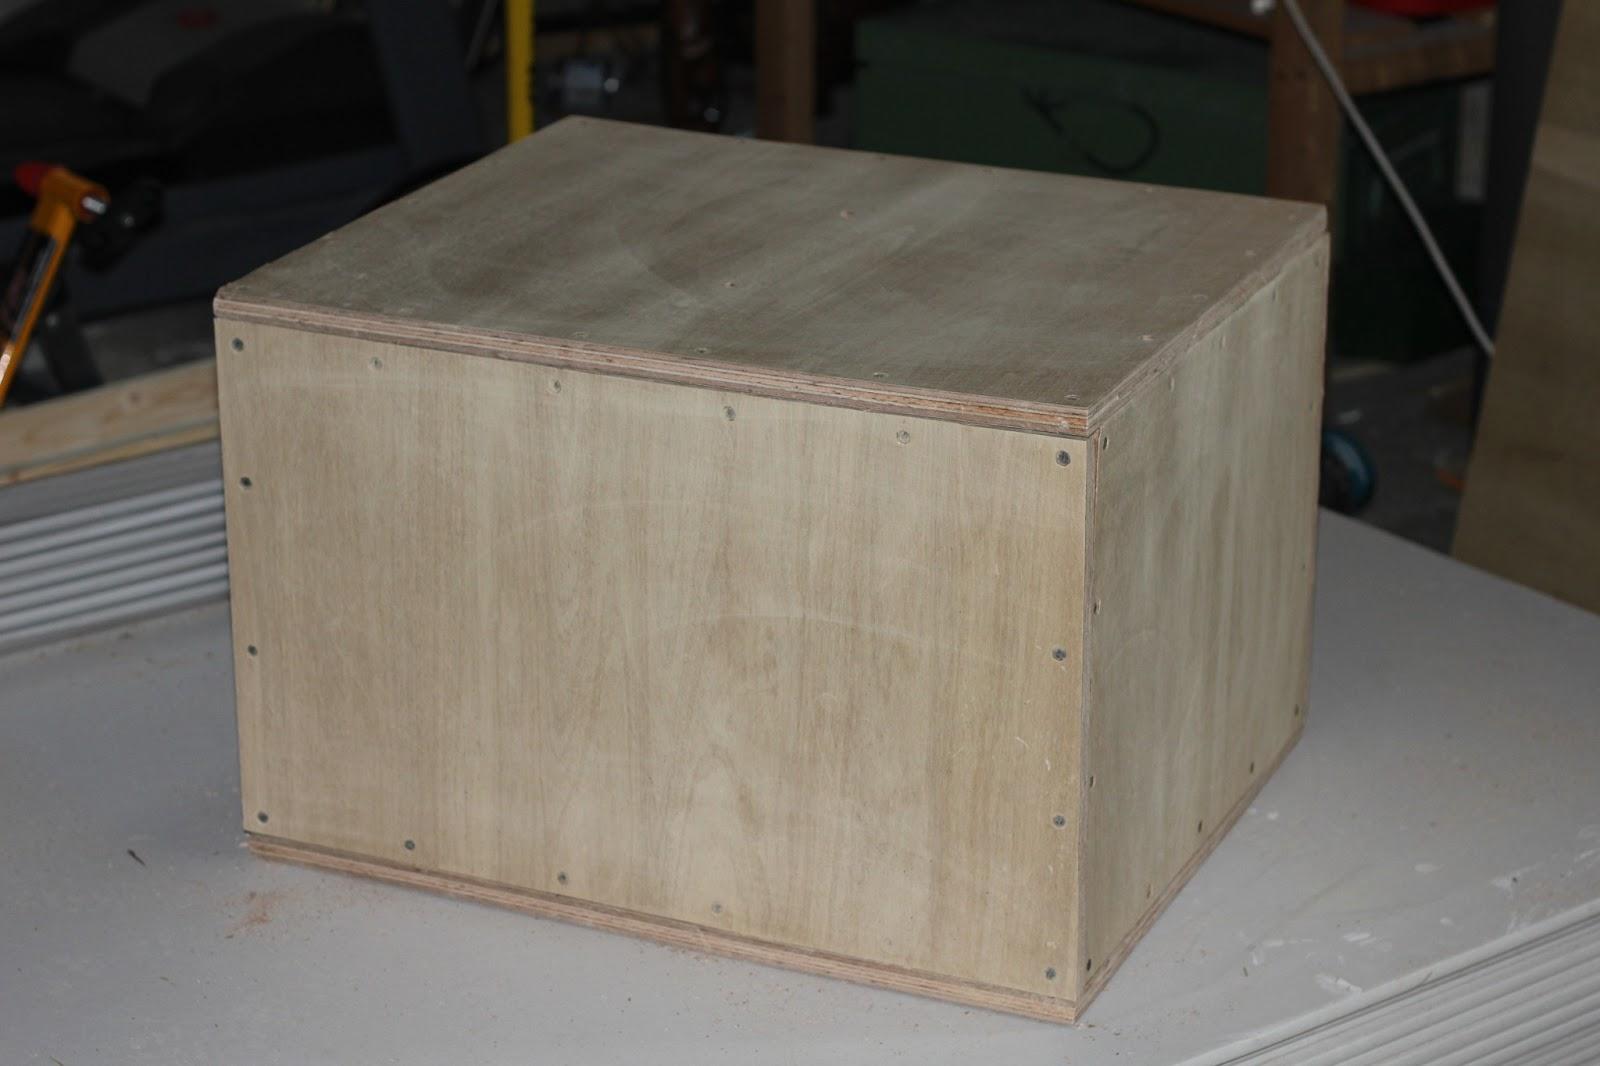 My new garage gym in plyo box